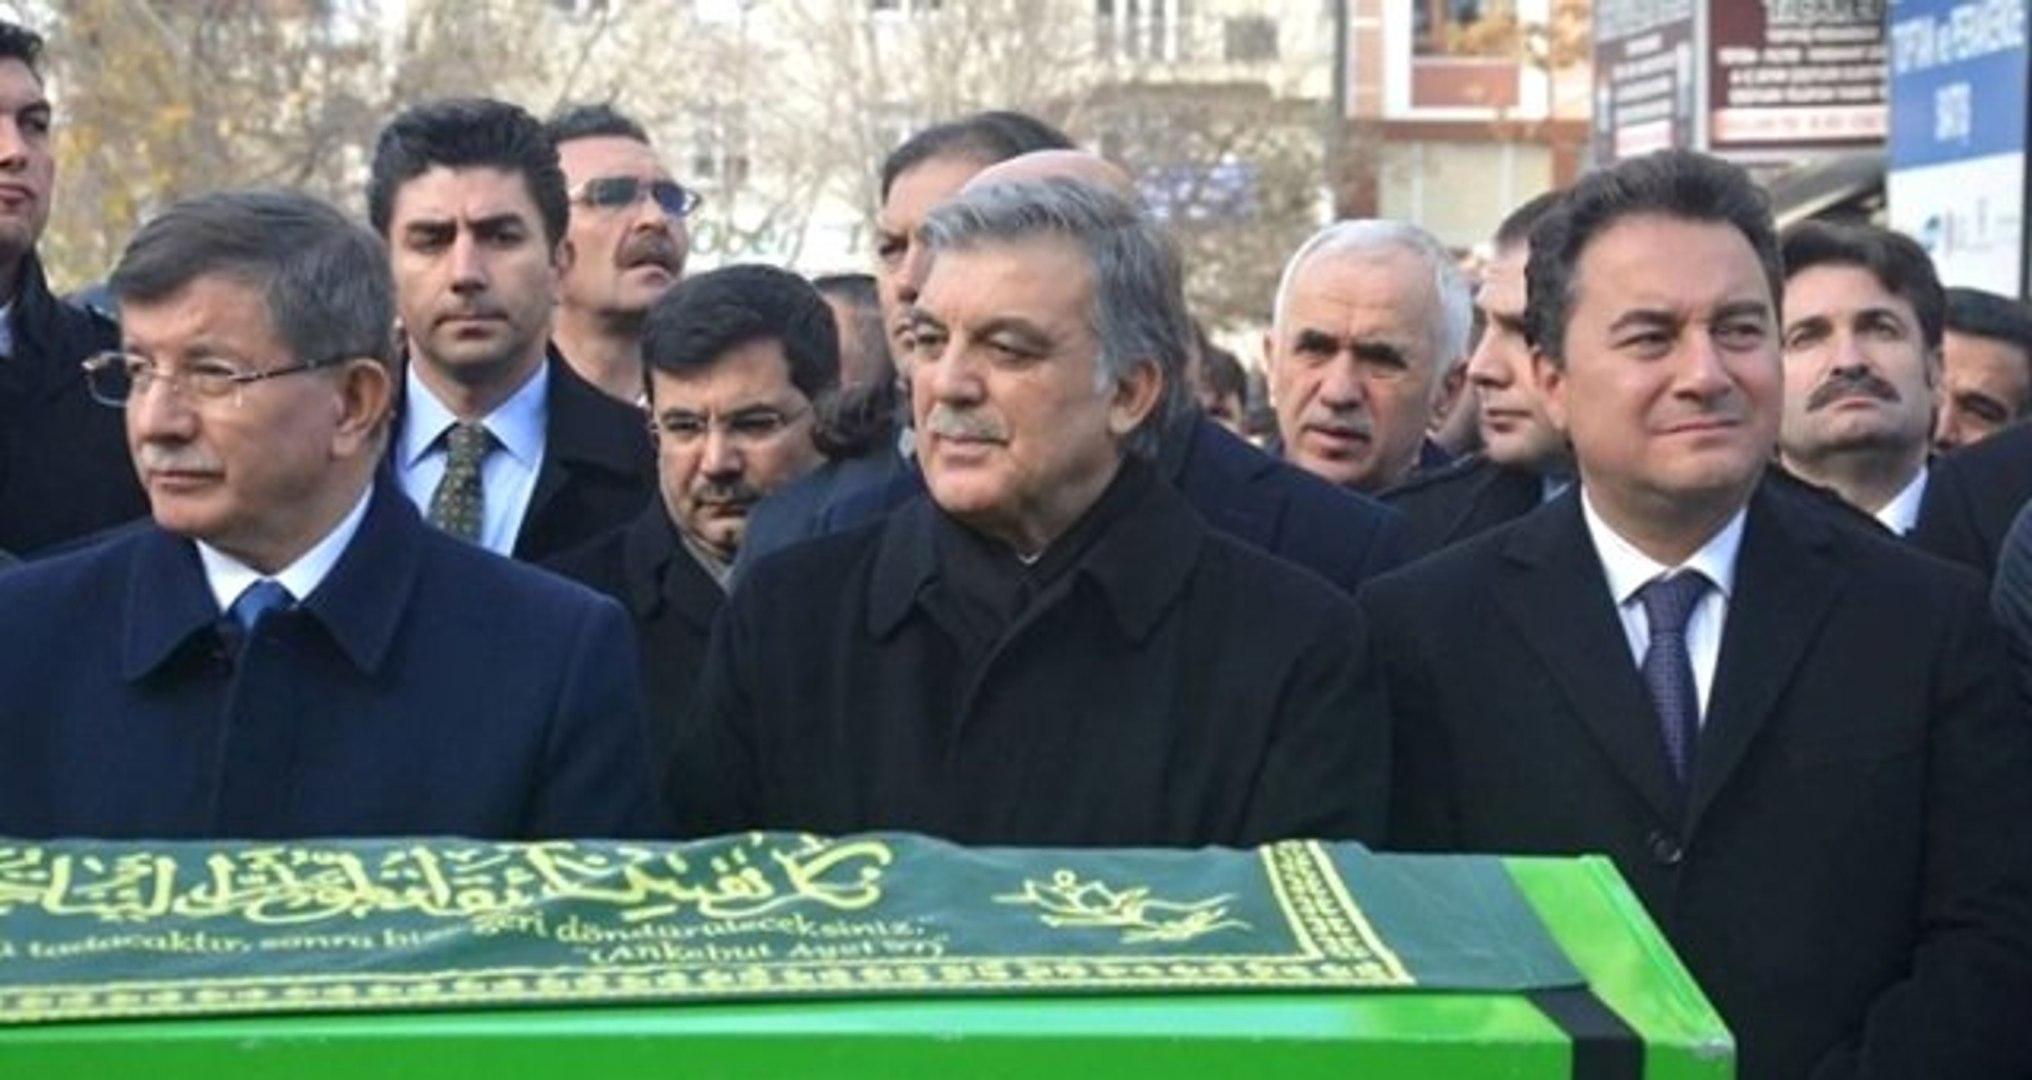 Abdullah Gül'den Yeni Parti Kuracağı Konuşulan Babacan ve Davutoğlu'na Talimat: Bekleyin